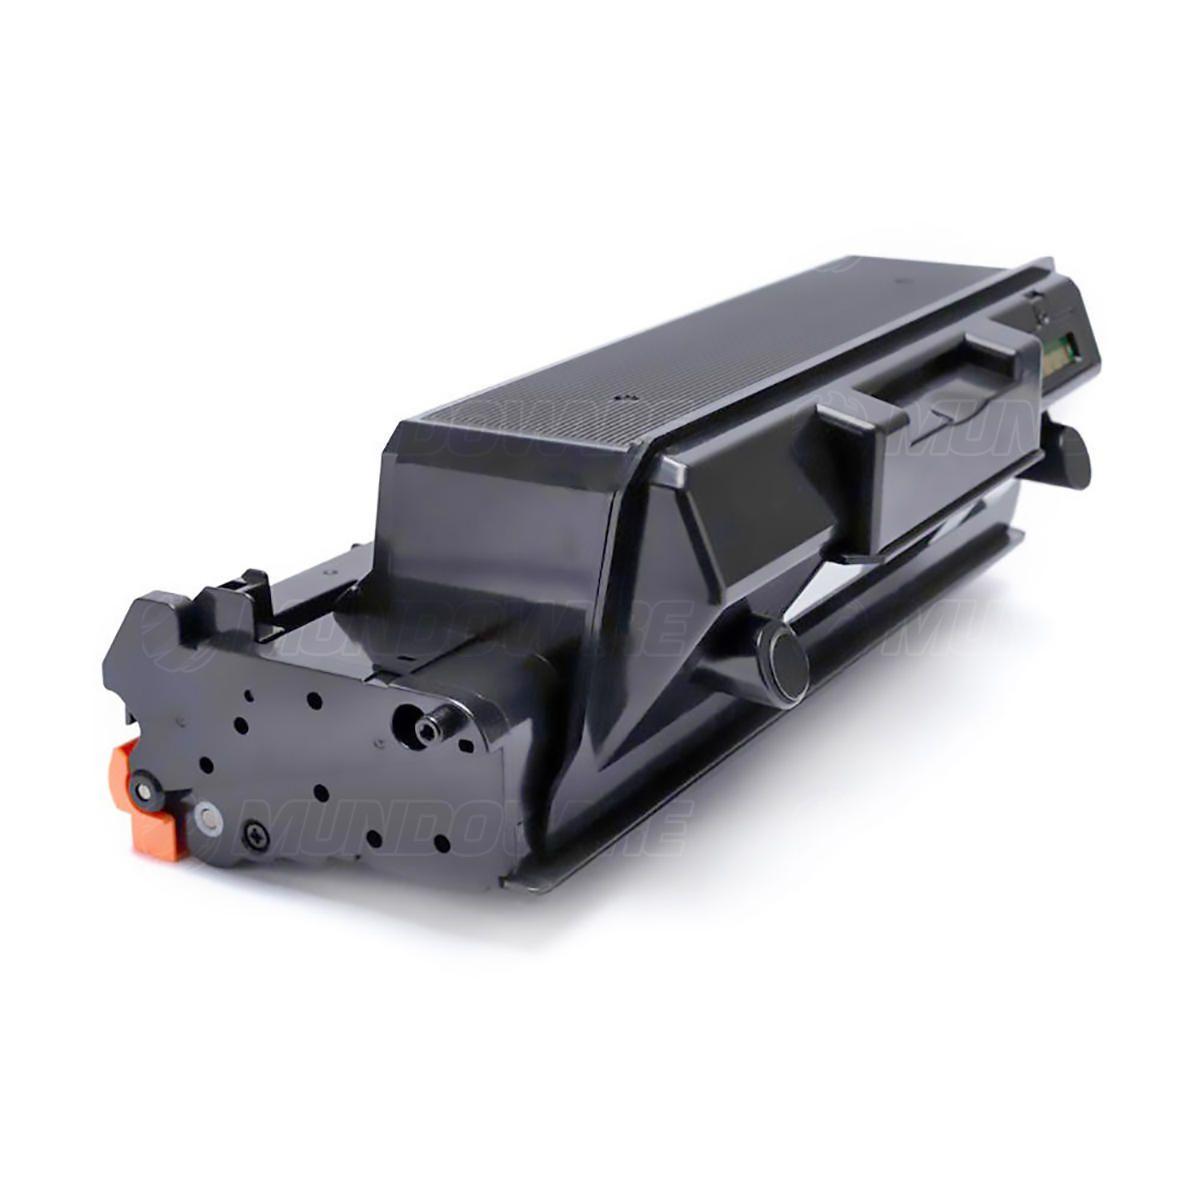 Compatível: Toner D204E MLT-204E para Samsung M3825dw M3825nd M4025nd M3875fw M3875fd M4075 3825 4025 / Preto / 10.000